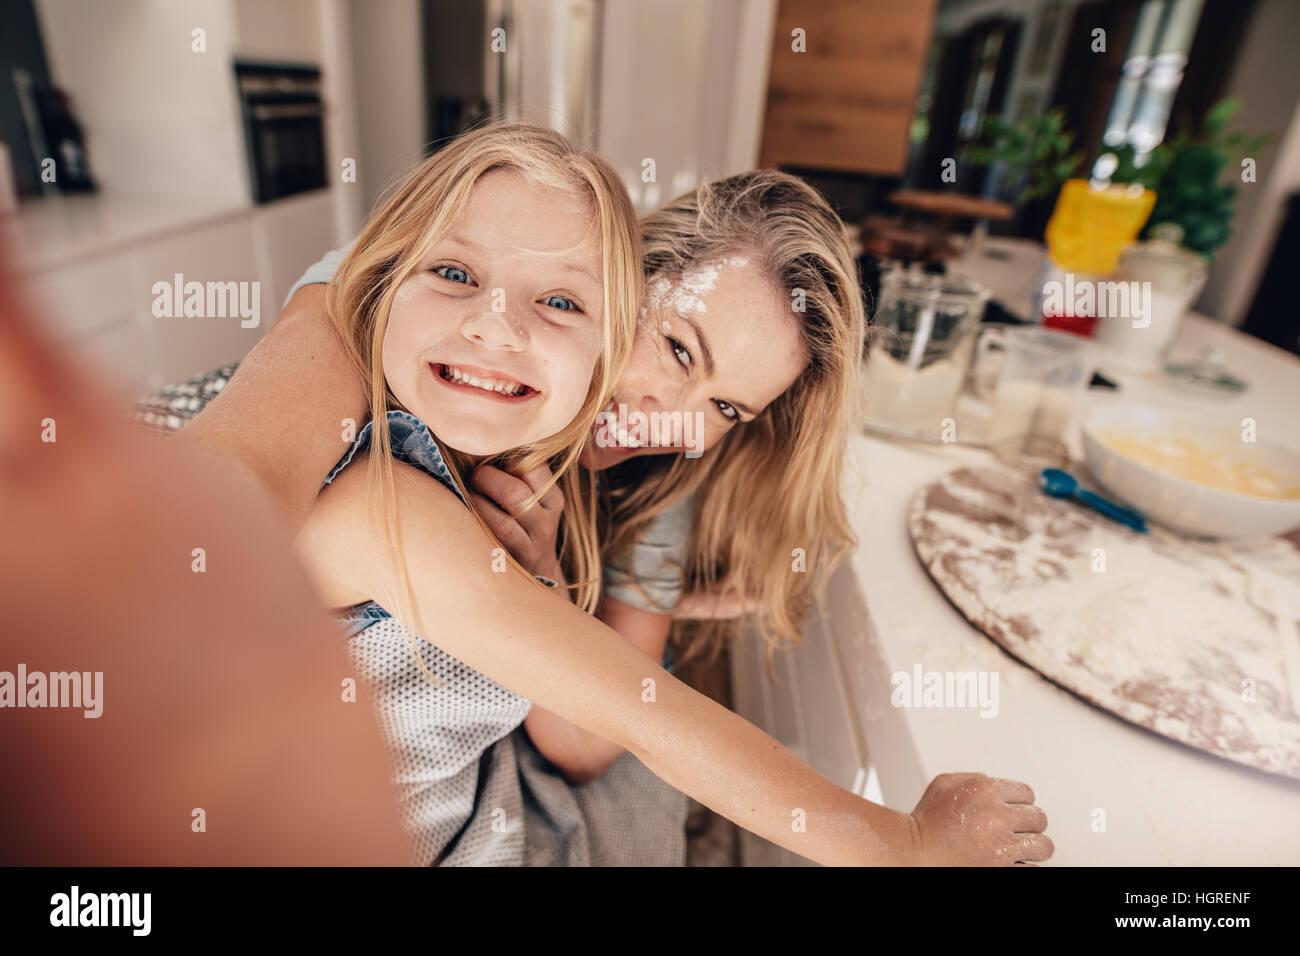 Prendre une famille heureuse en selfies cuisine pendant la cuisson des aliments. Mère et fille taking self Photo Stock